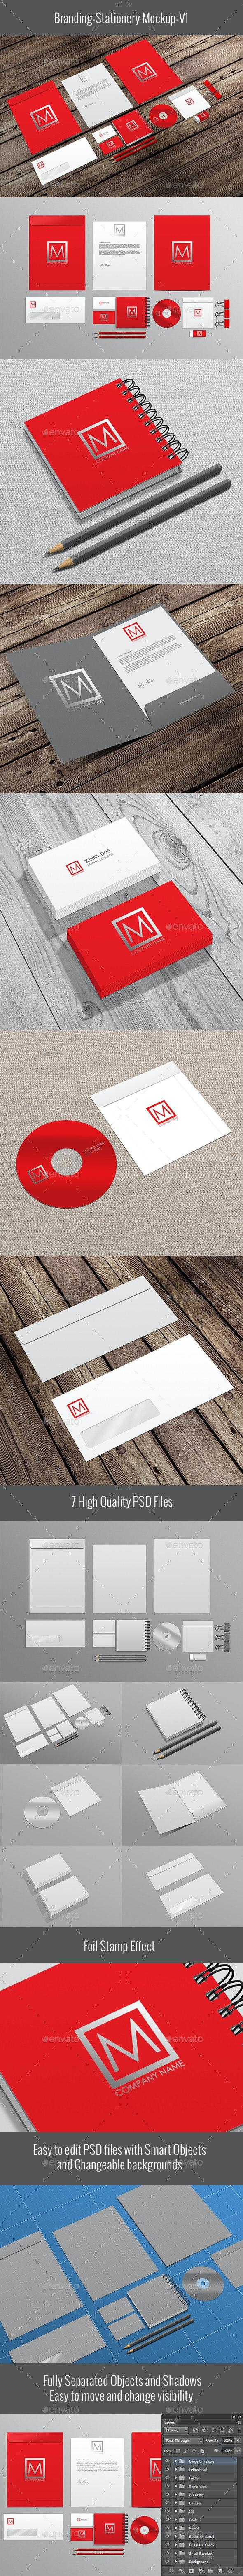 Branding-Stationery Mockup - Stationery Print